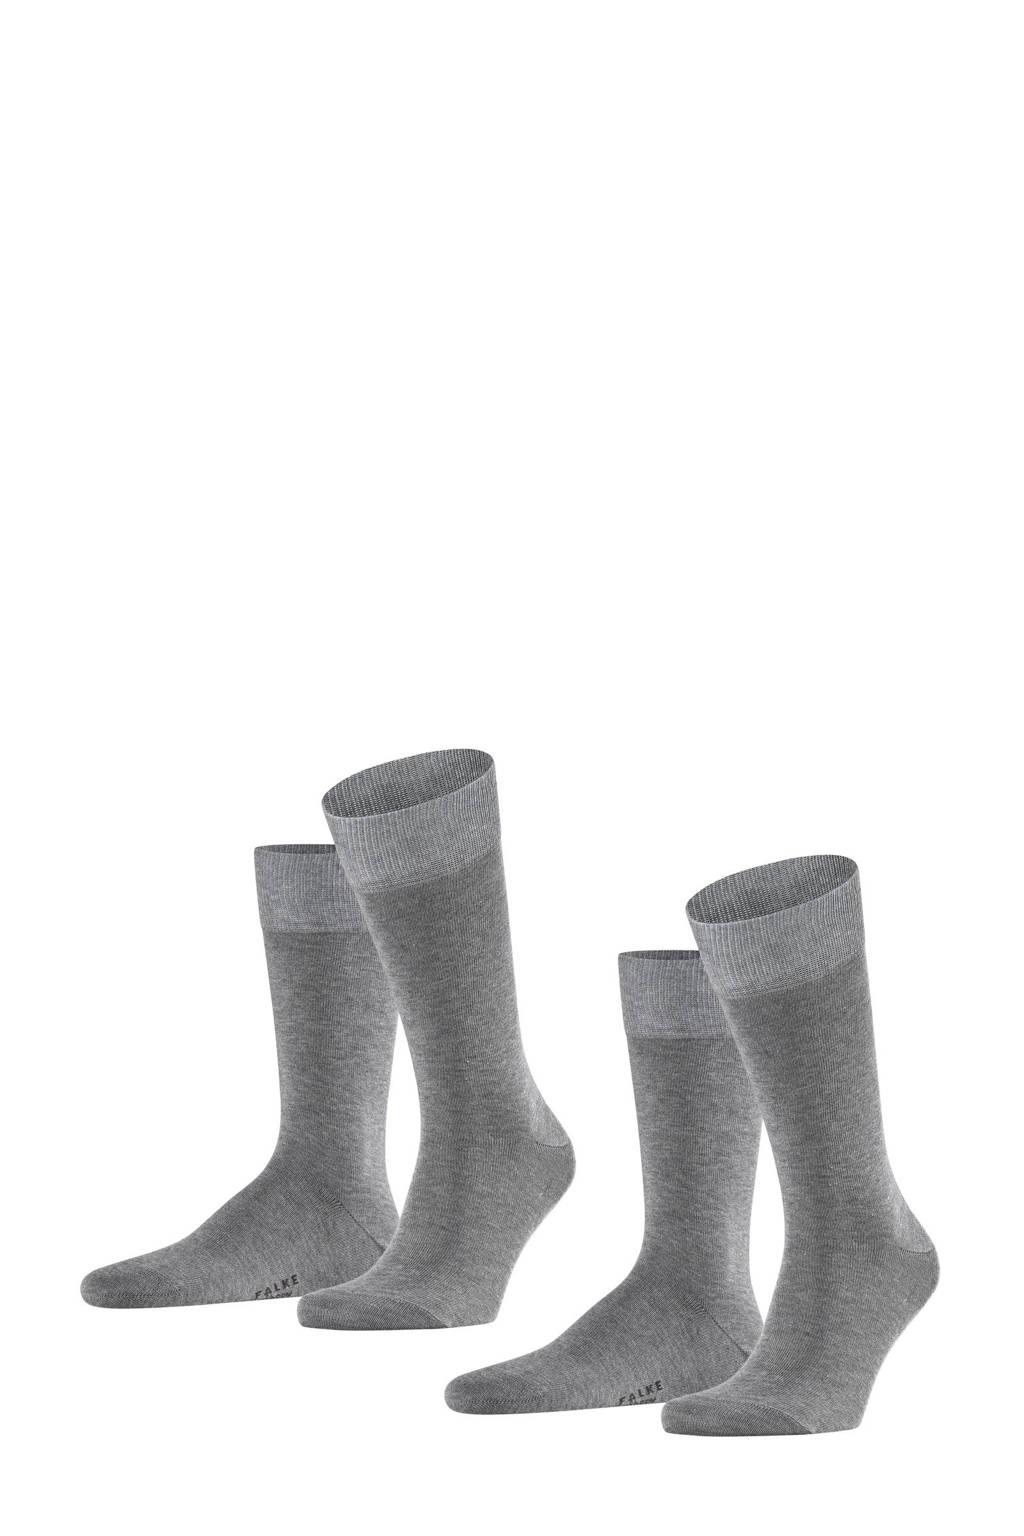 FALKE sokken grijs, Grijs